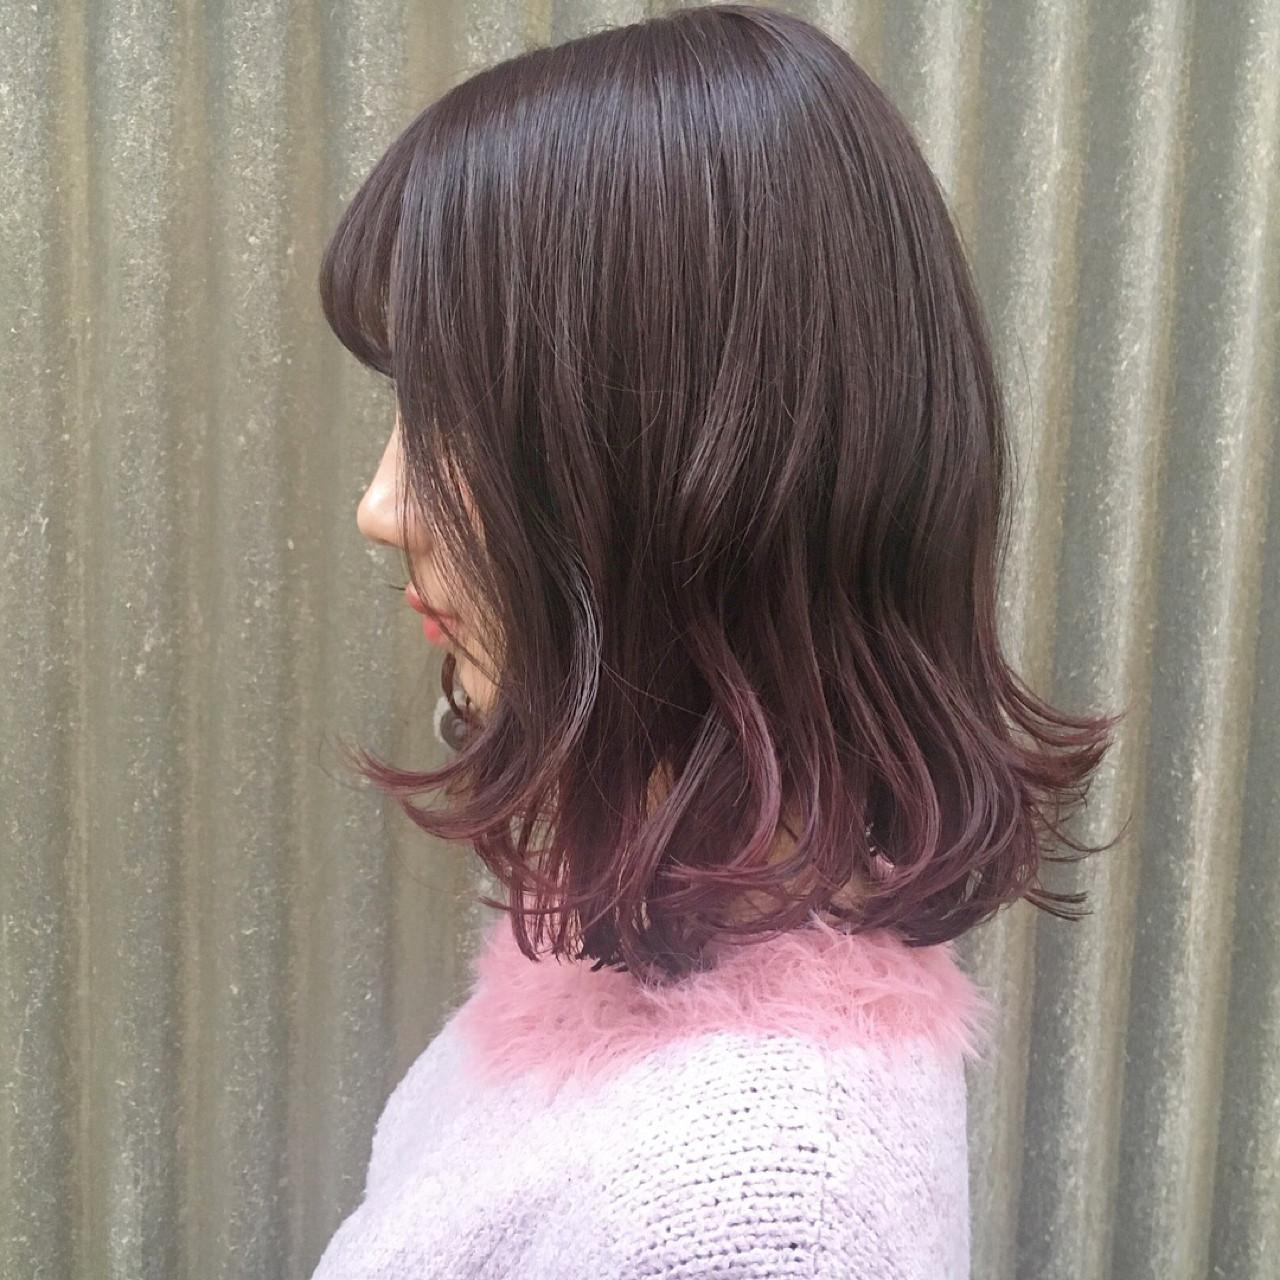 レッド グラデーションカラー ピンク セミロング ヘアスタイルや髪型の写真・画像